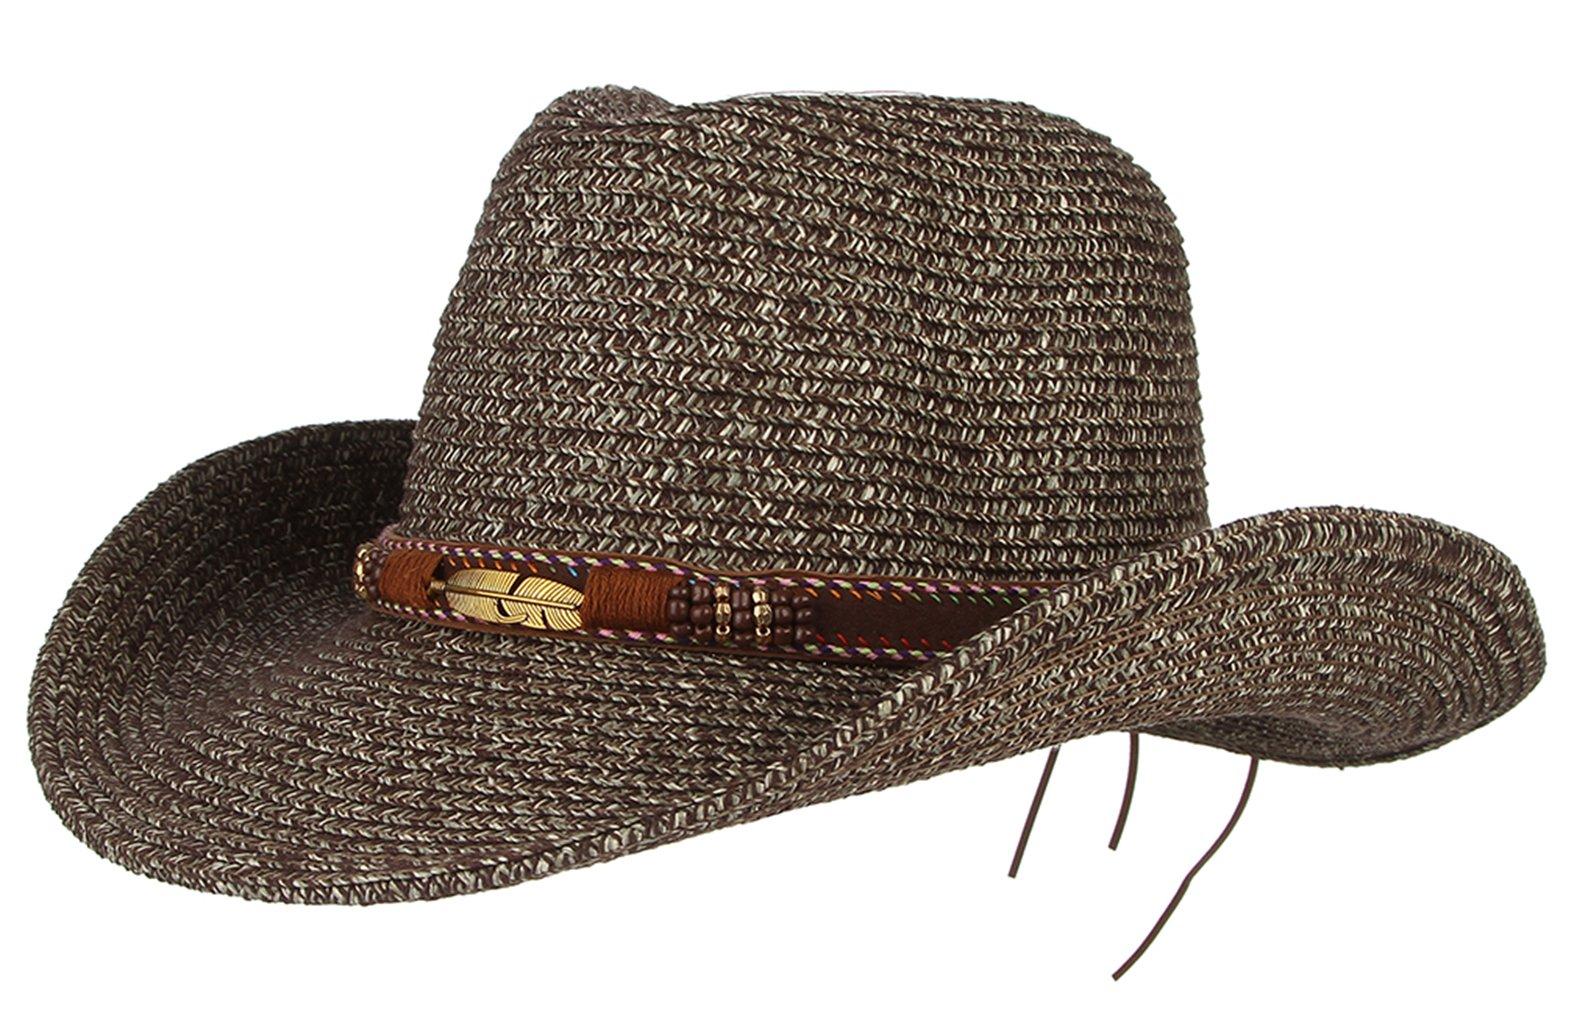 Gemvie Cowboy Hat Floppy Sun Hat Straw Summer Beach Cap Wide Brim Straw Hats Grey